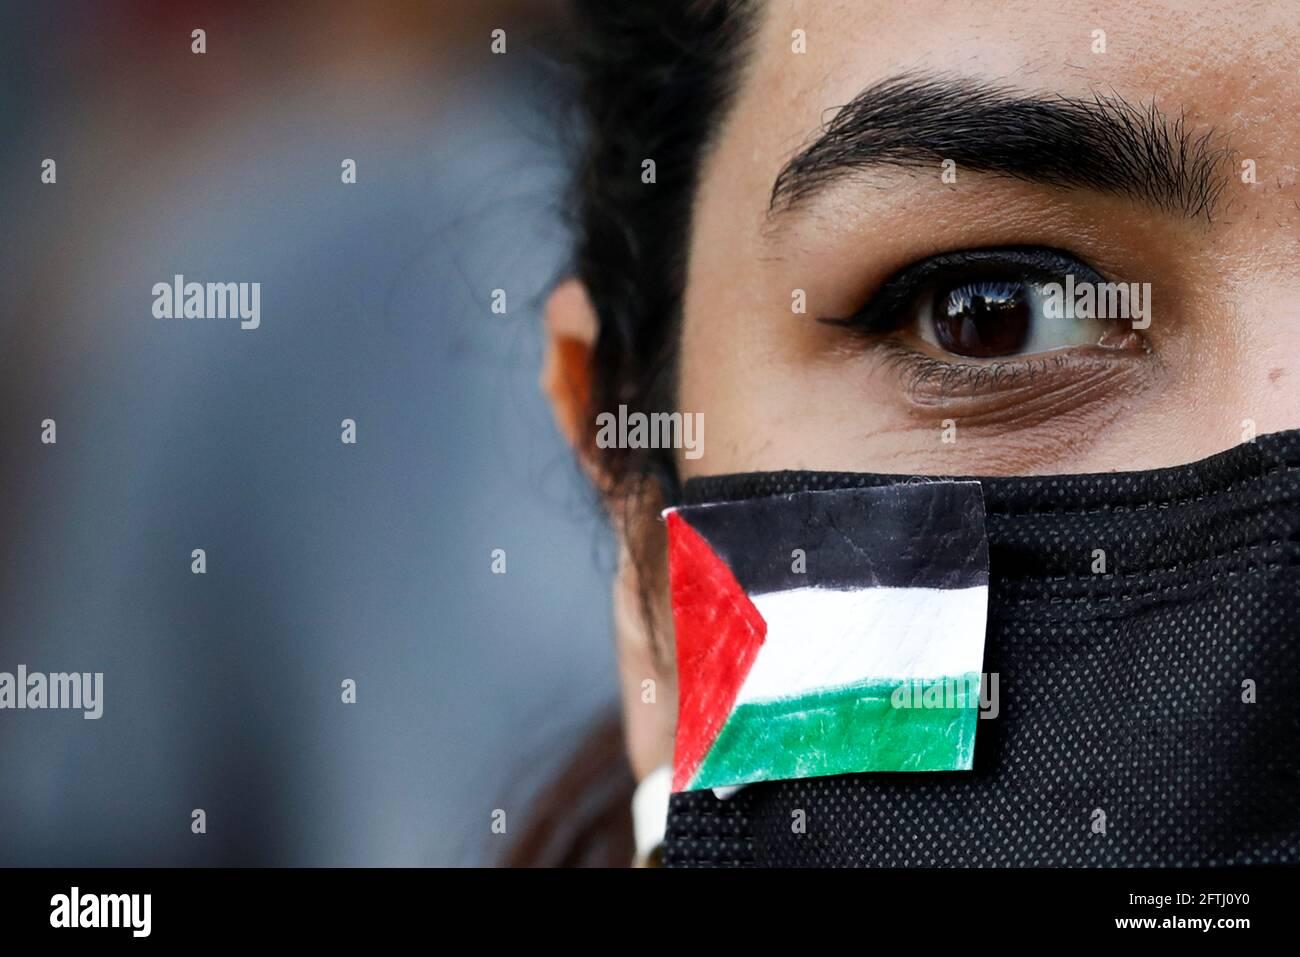 Una donna indossa una bandiera palestinese sulla sua maschera protettiva per esprimere solidarietà al popolo palestinese e protestare contro Israele, durante un raduno a Karachi, Pakistan, il 21 maggio 2021. REUTERS/Akhtar Soomro Foto Stock